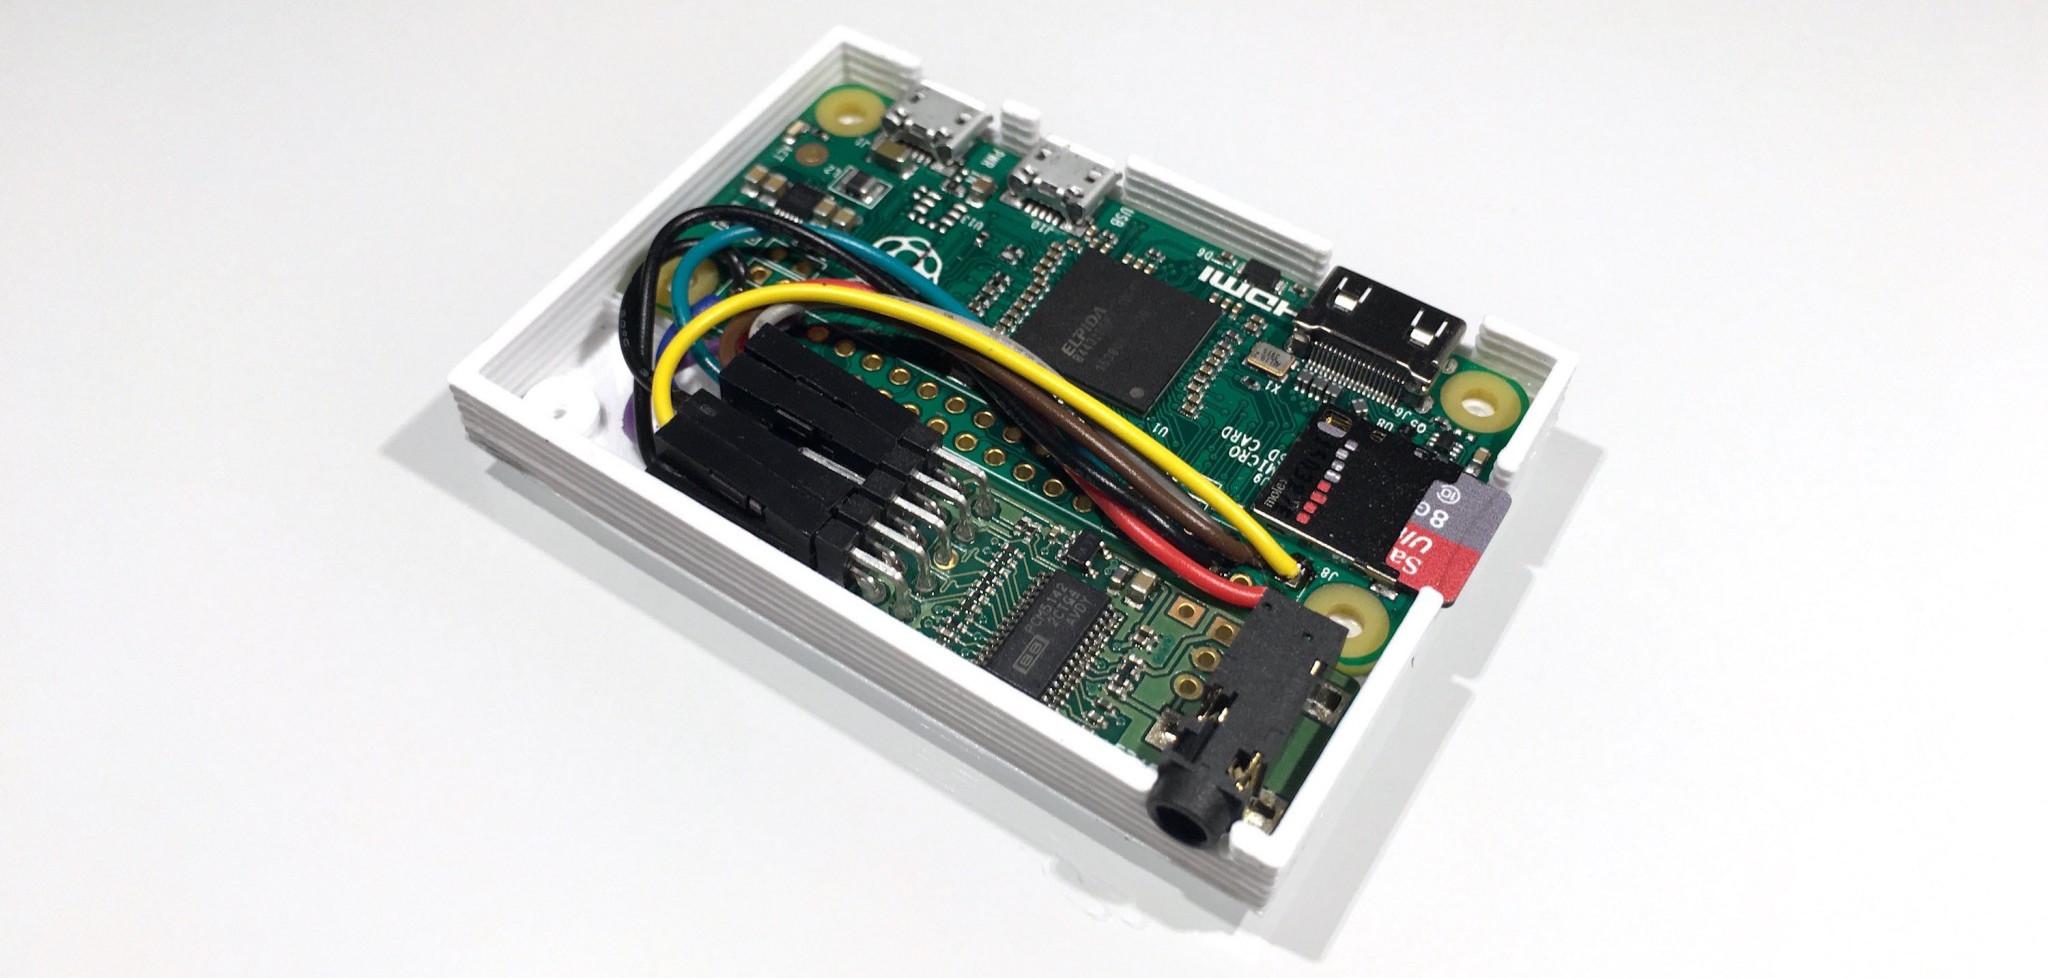 Pi Zero I2s Audio